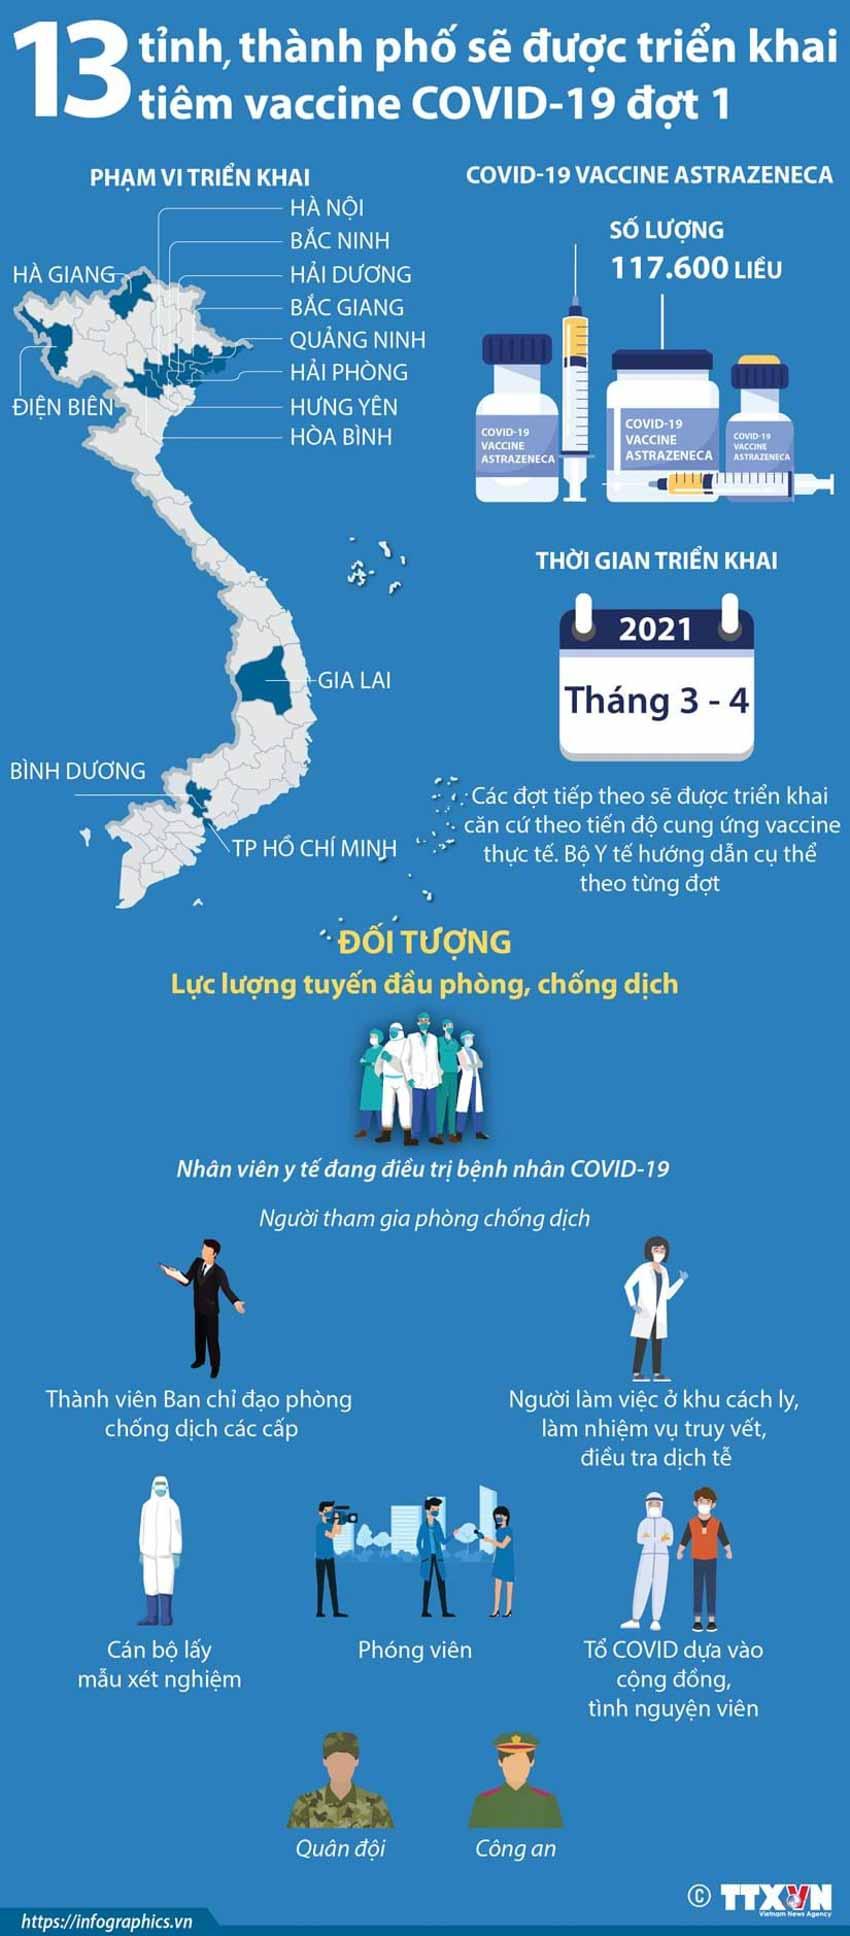 13 tỉnh, thành phố được triển khai tiêm vắcxin ngừa COVID-19 đợt 1 - 1